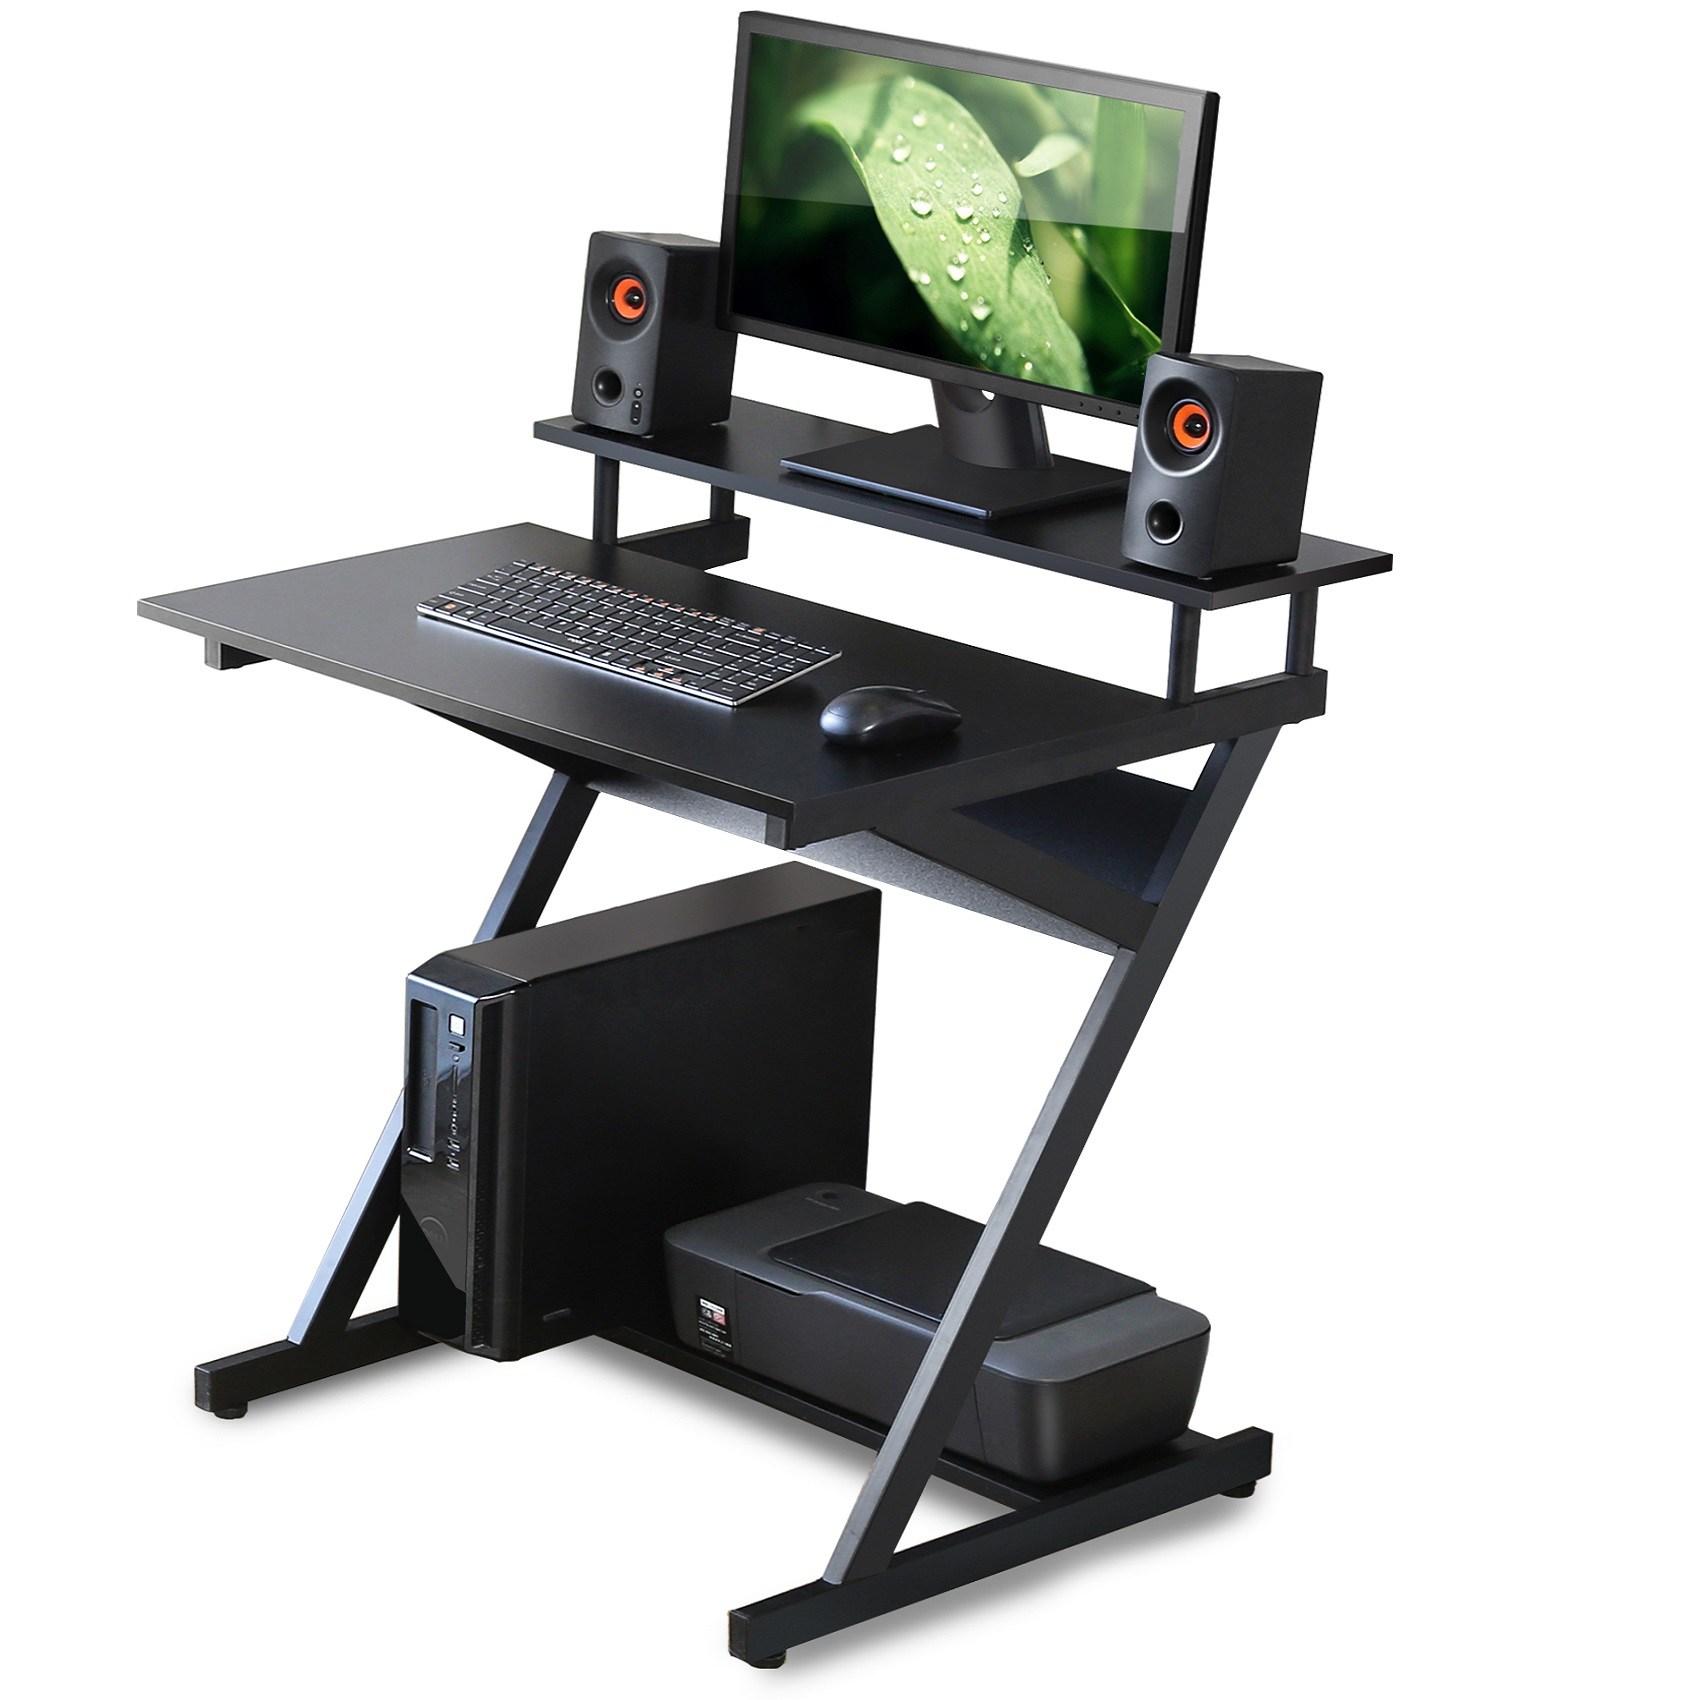 [국내 배송] FITUEYES 1인용책상 컴퓨터책상 학생용책상 테이블 데스크, 블랙 CD307001WB